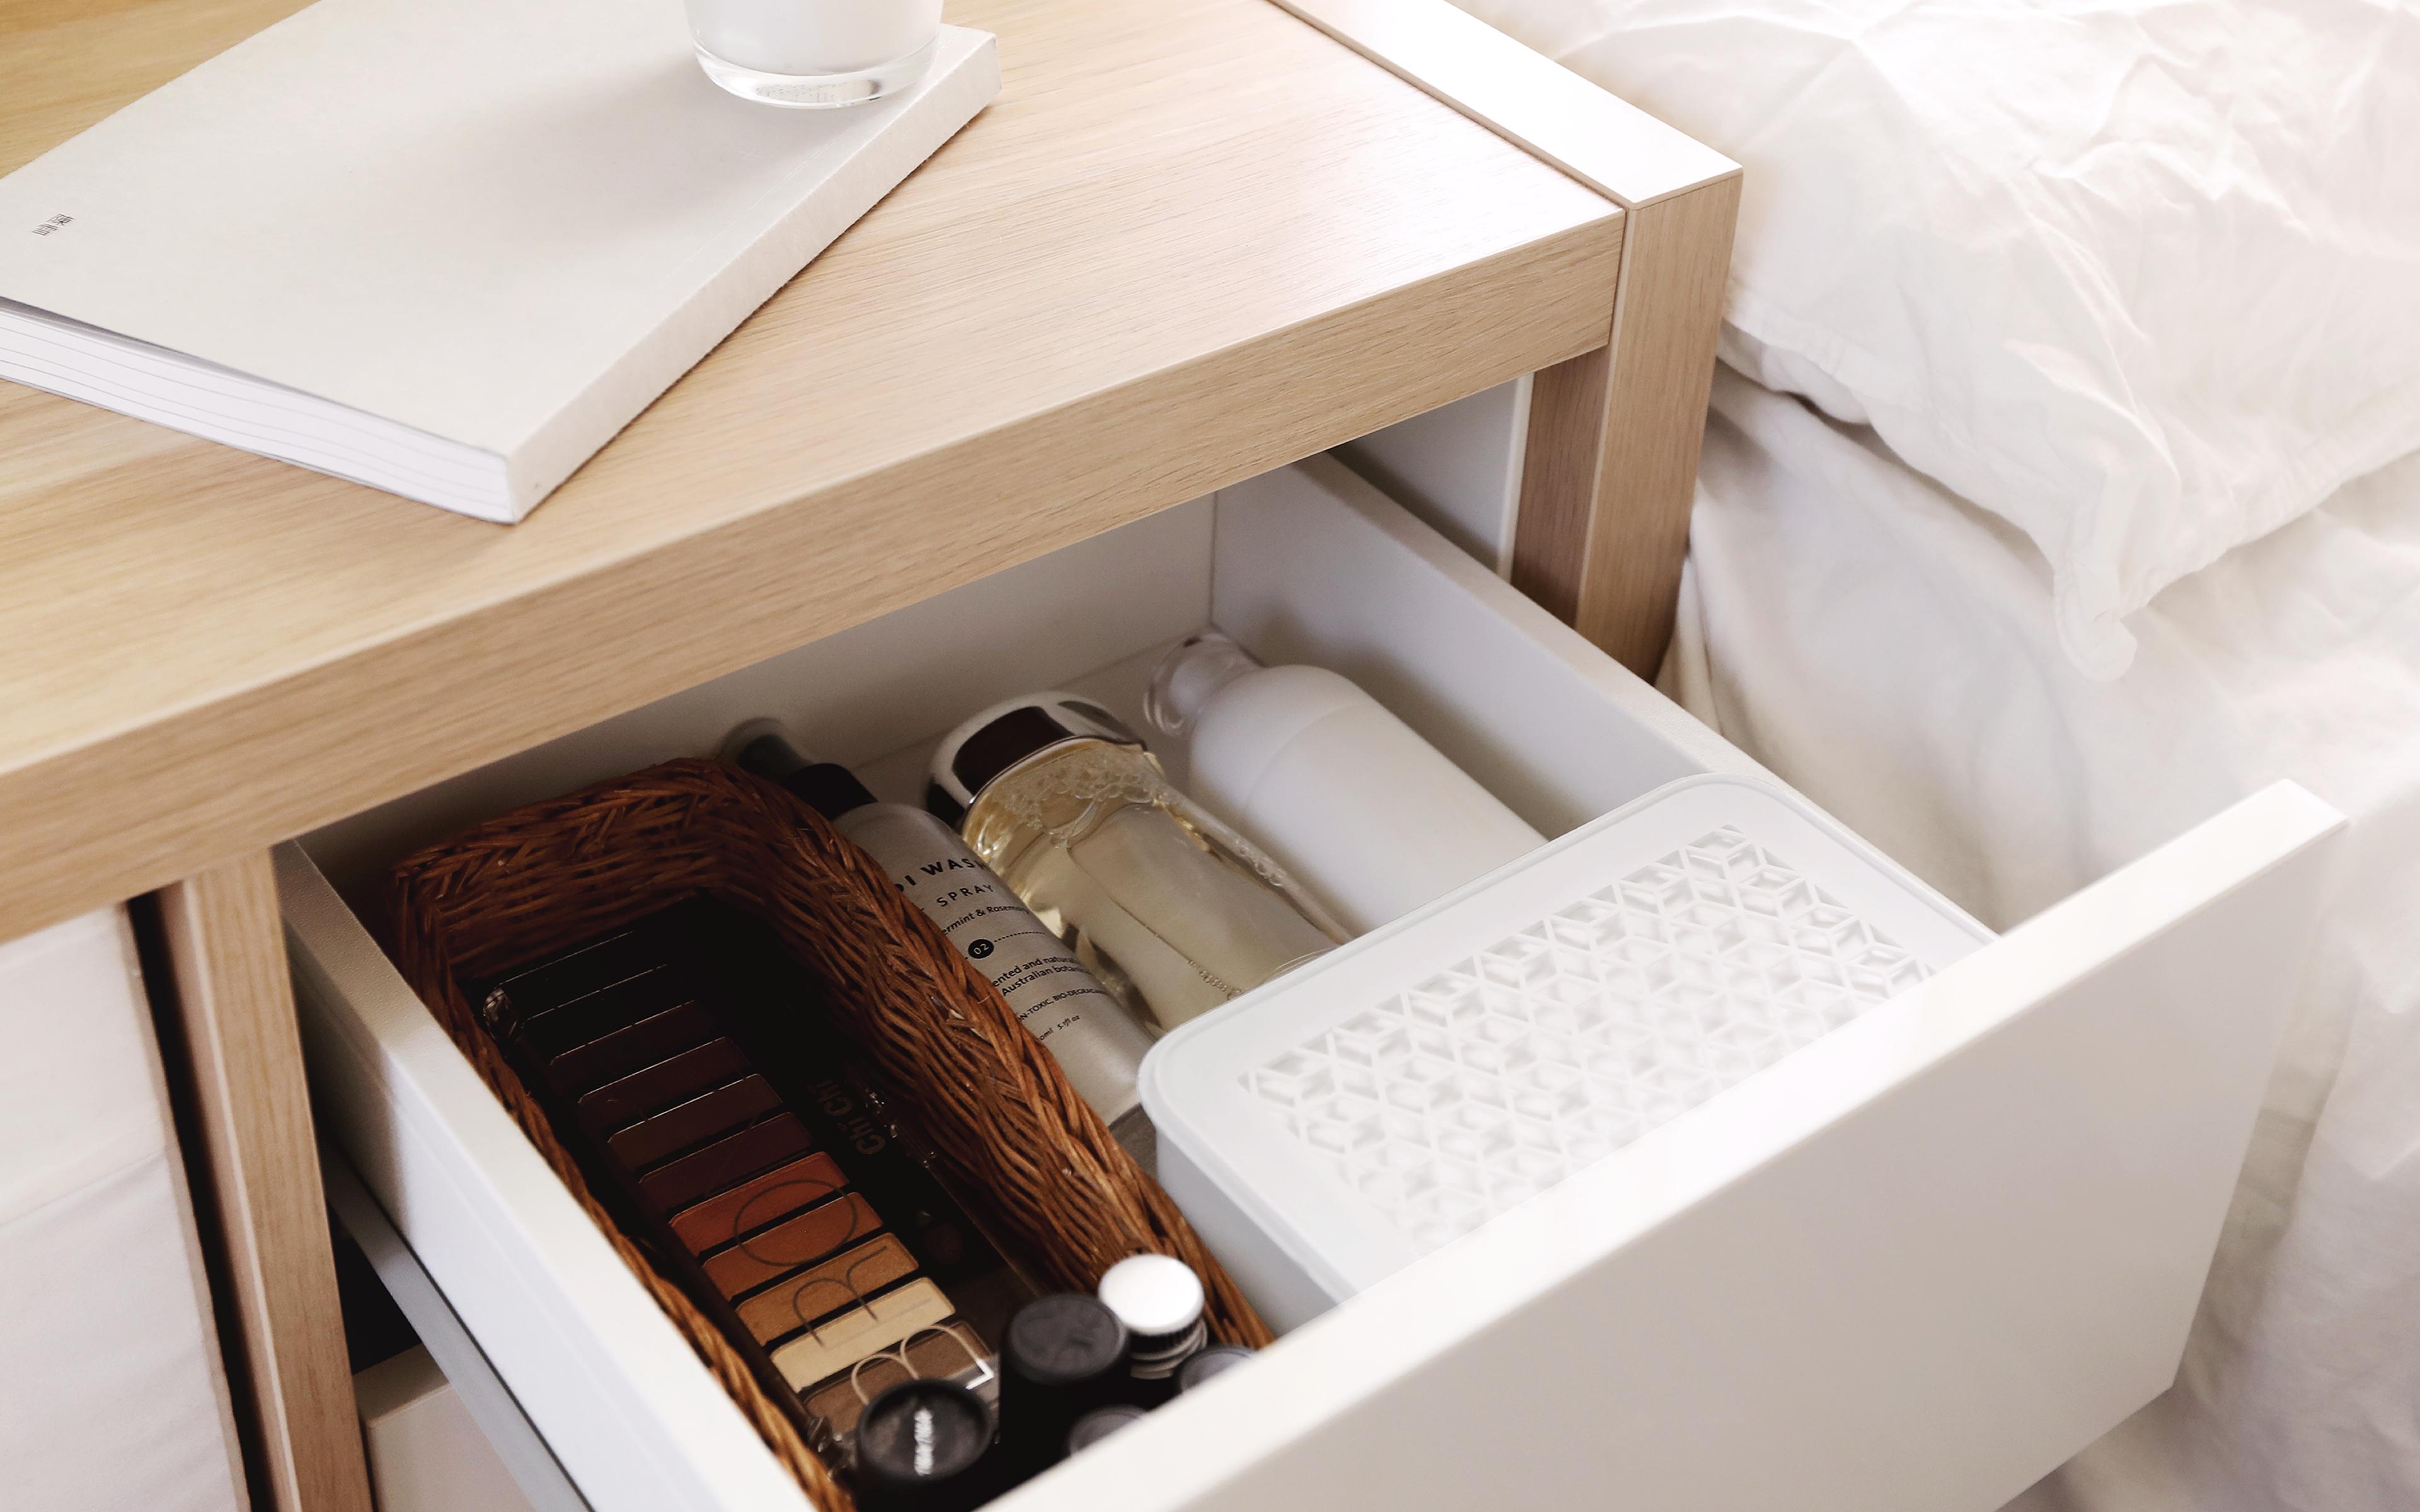 新式裸白克潮靈適用於收納空間